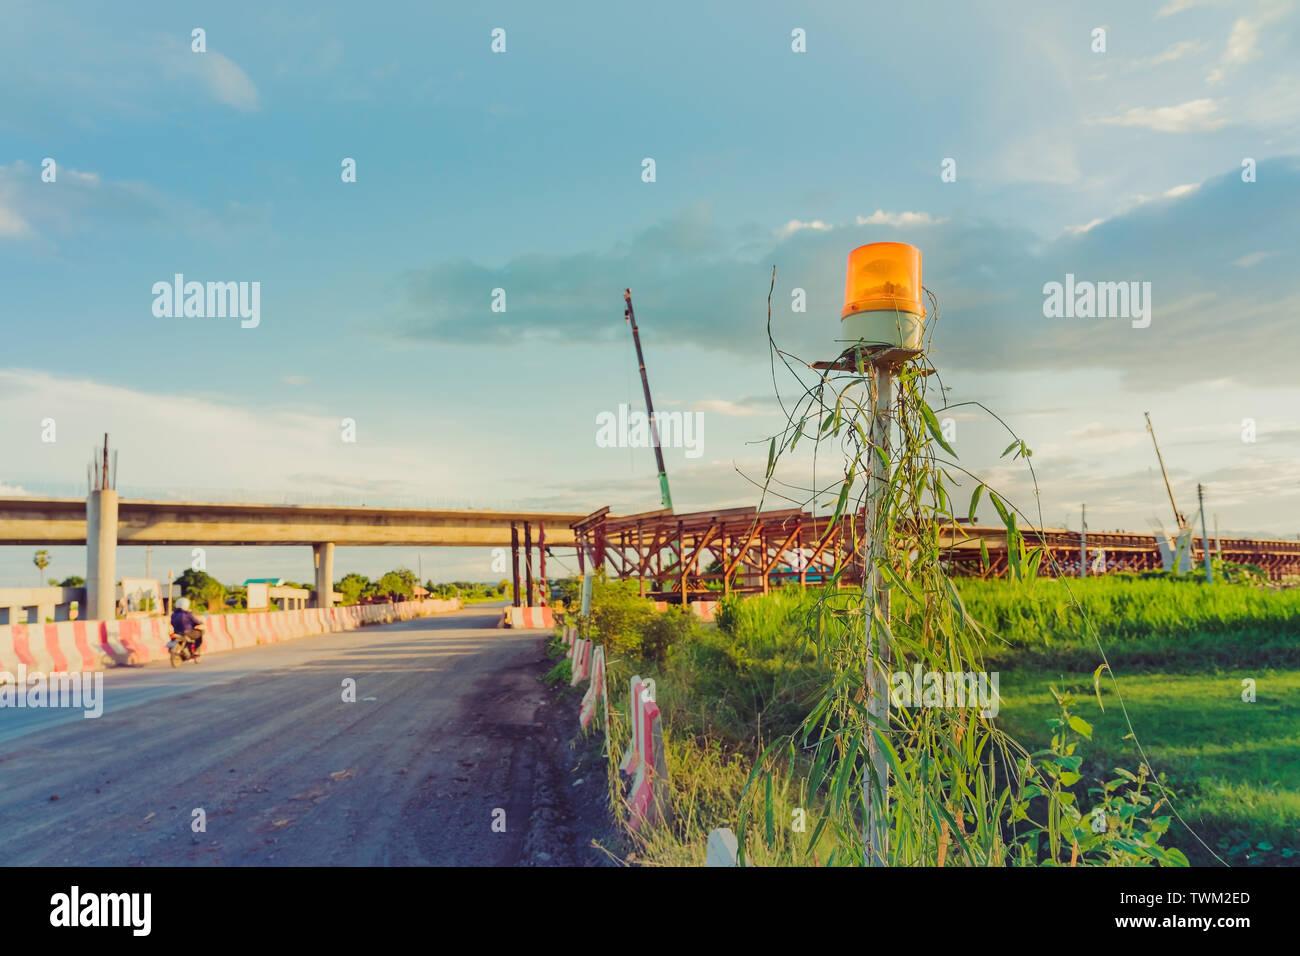 Signal Crane Car Stock Photos & Signal Crane Car Stock Images - Alamy